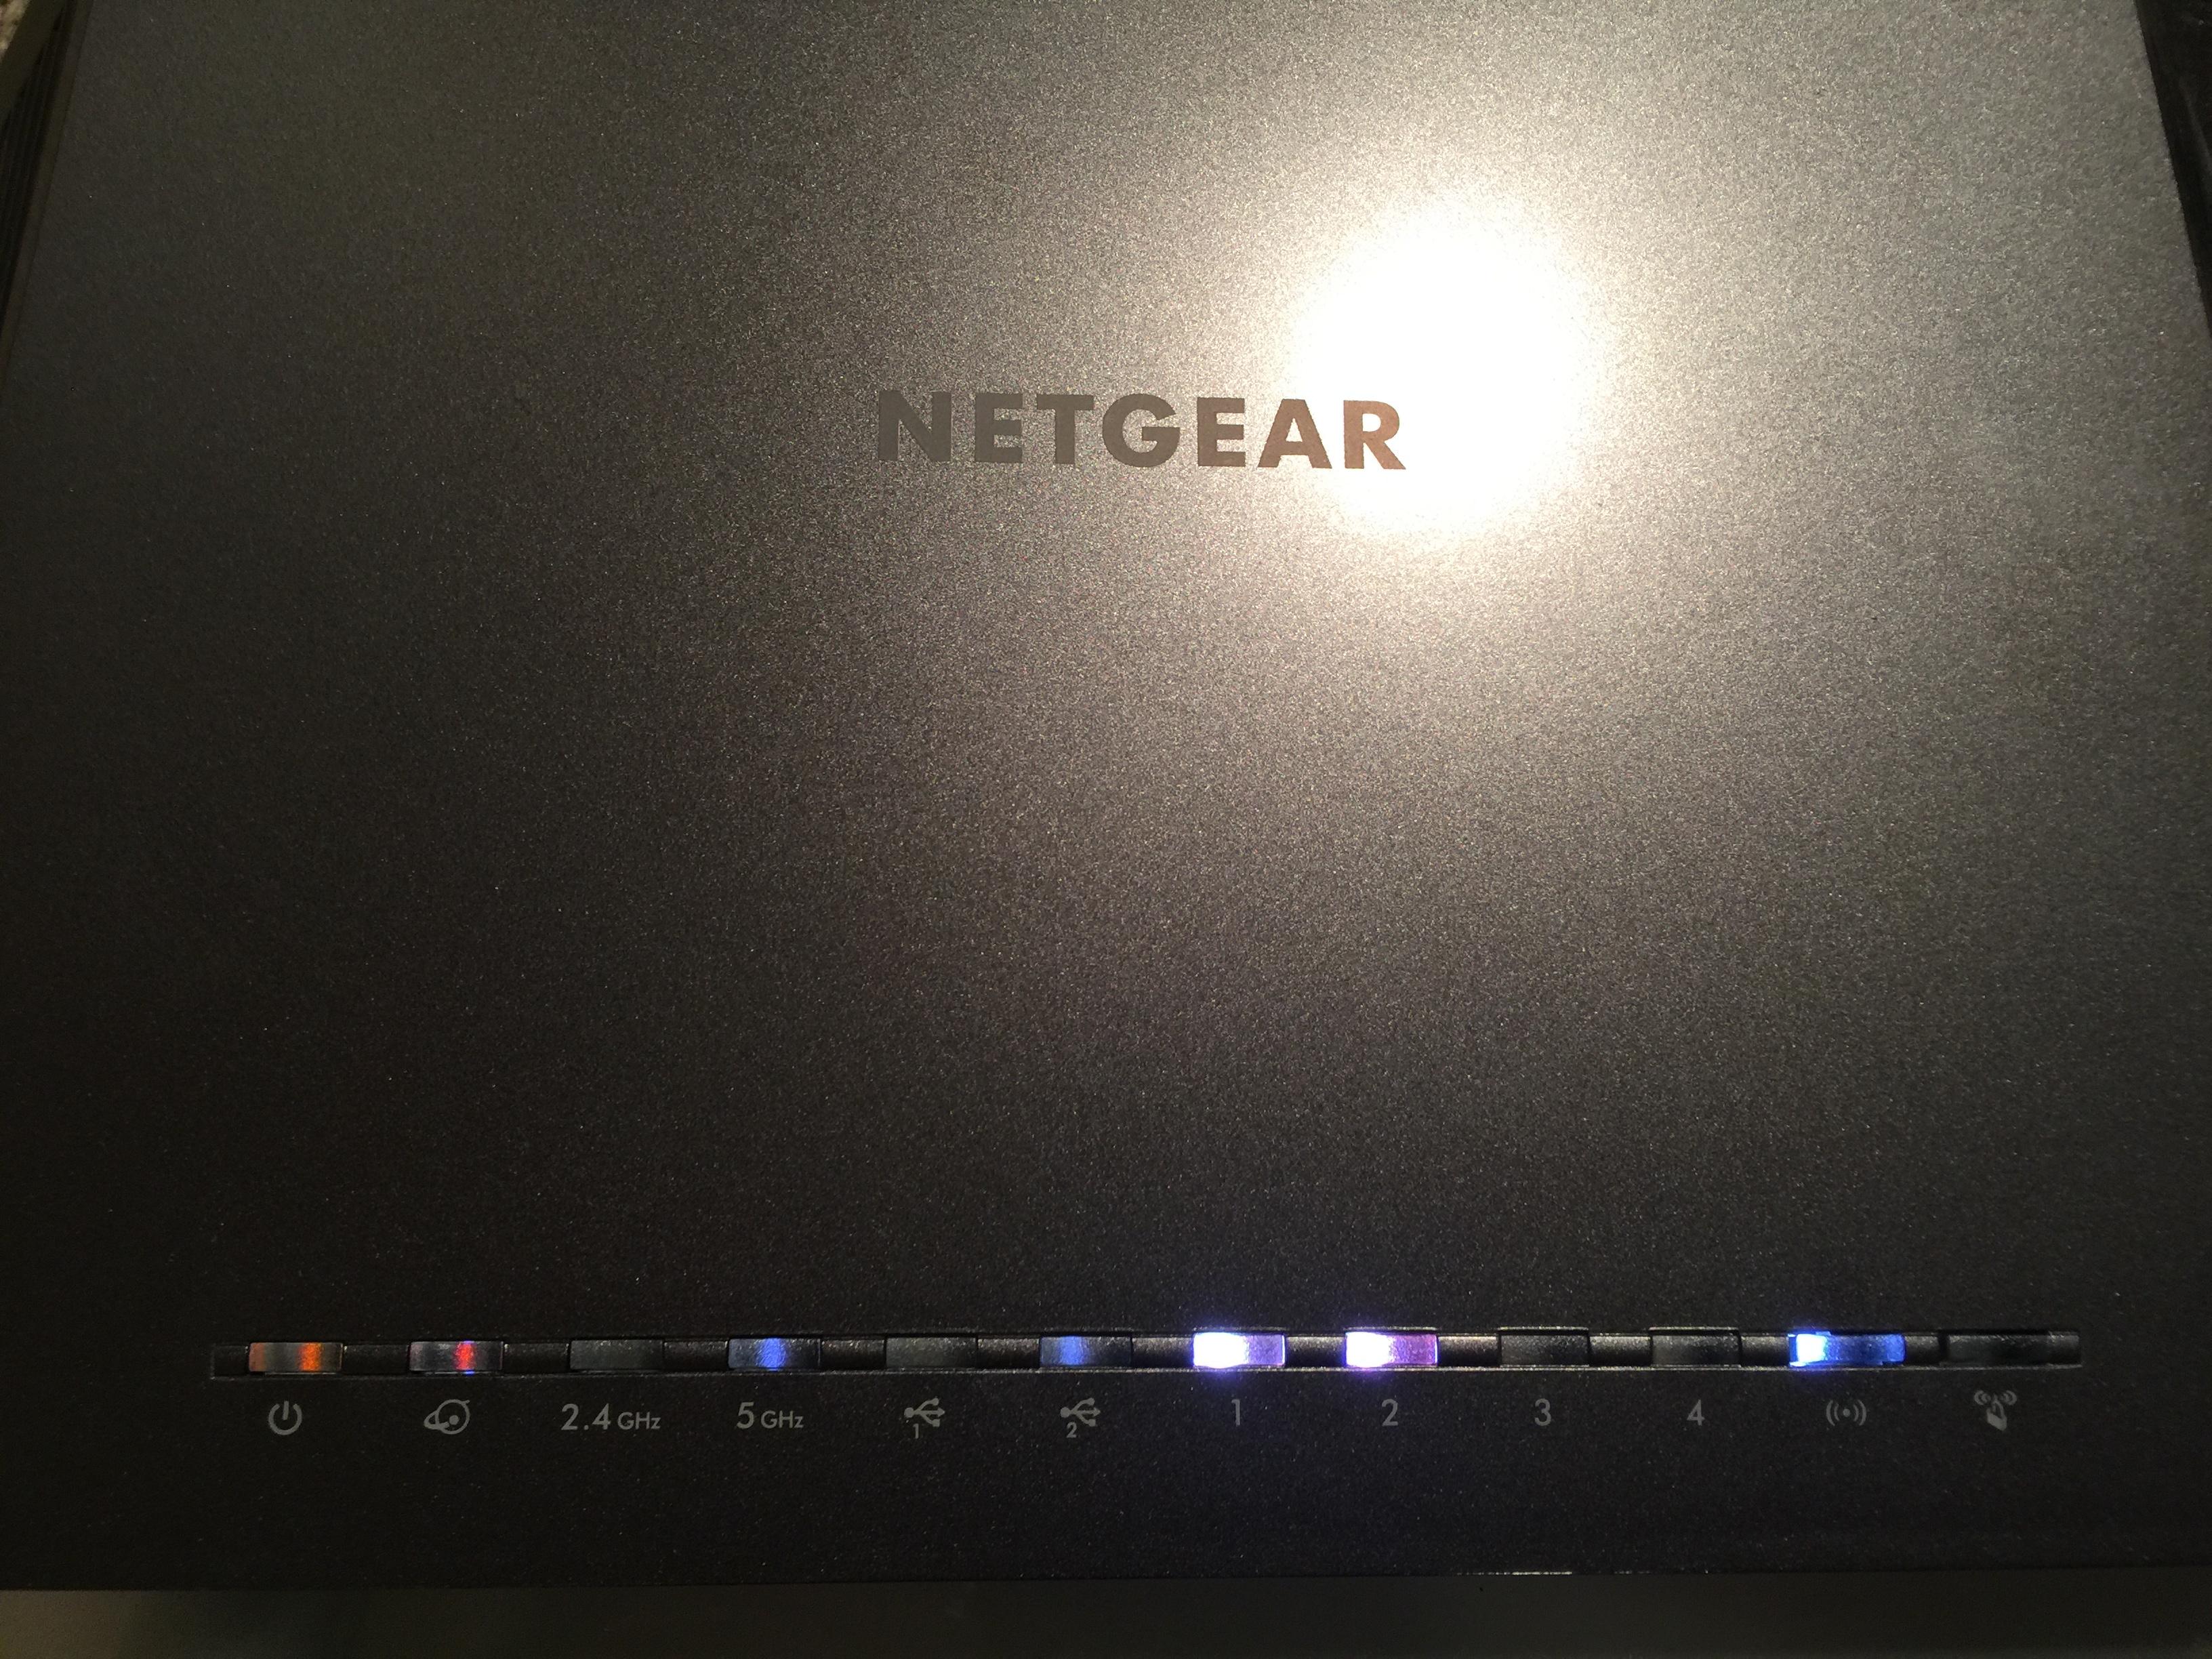 R7000 router not working at all, dim power light - NETGEAR